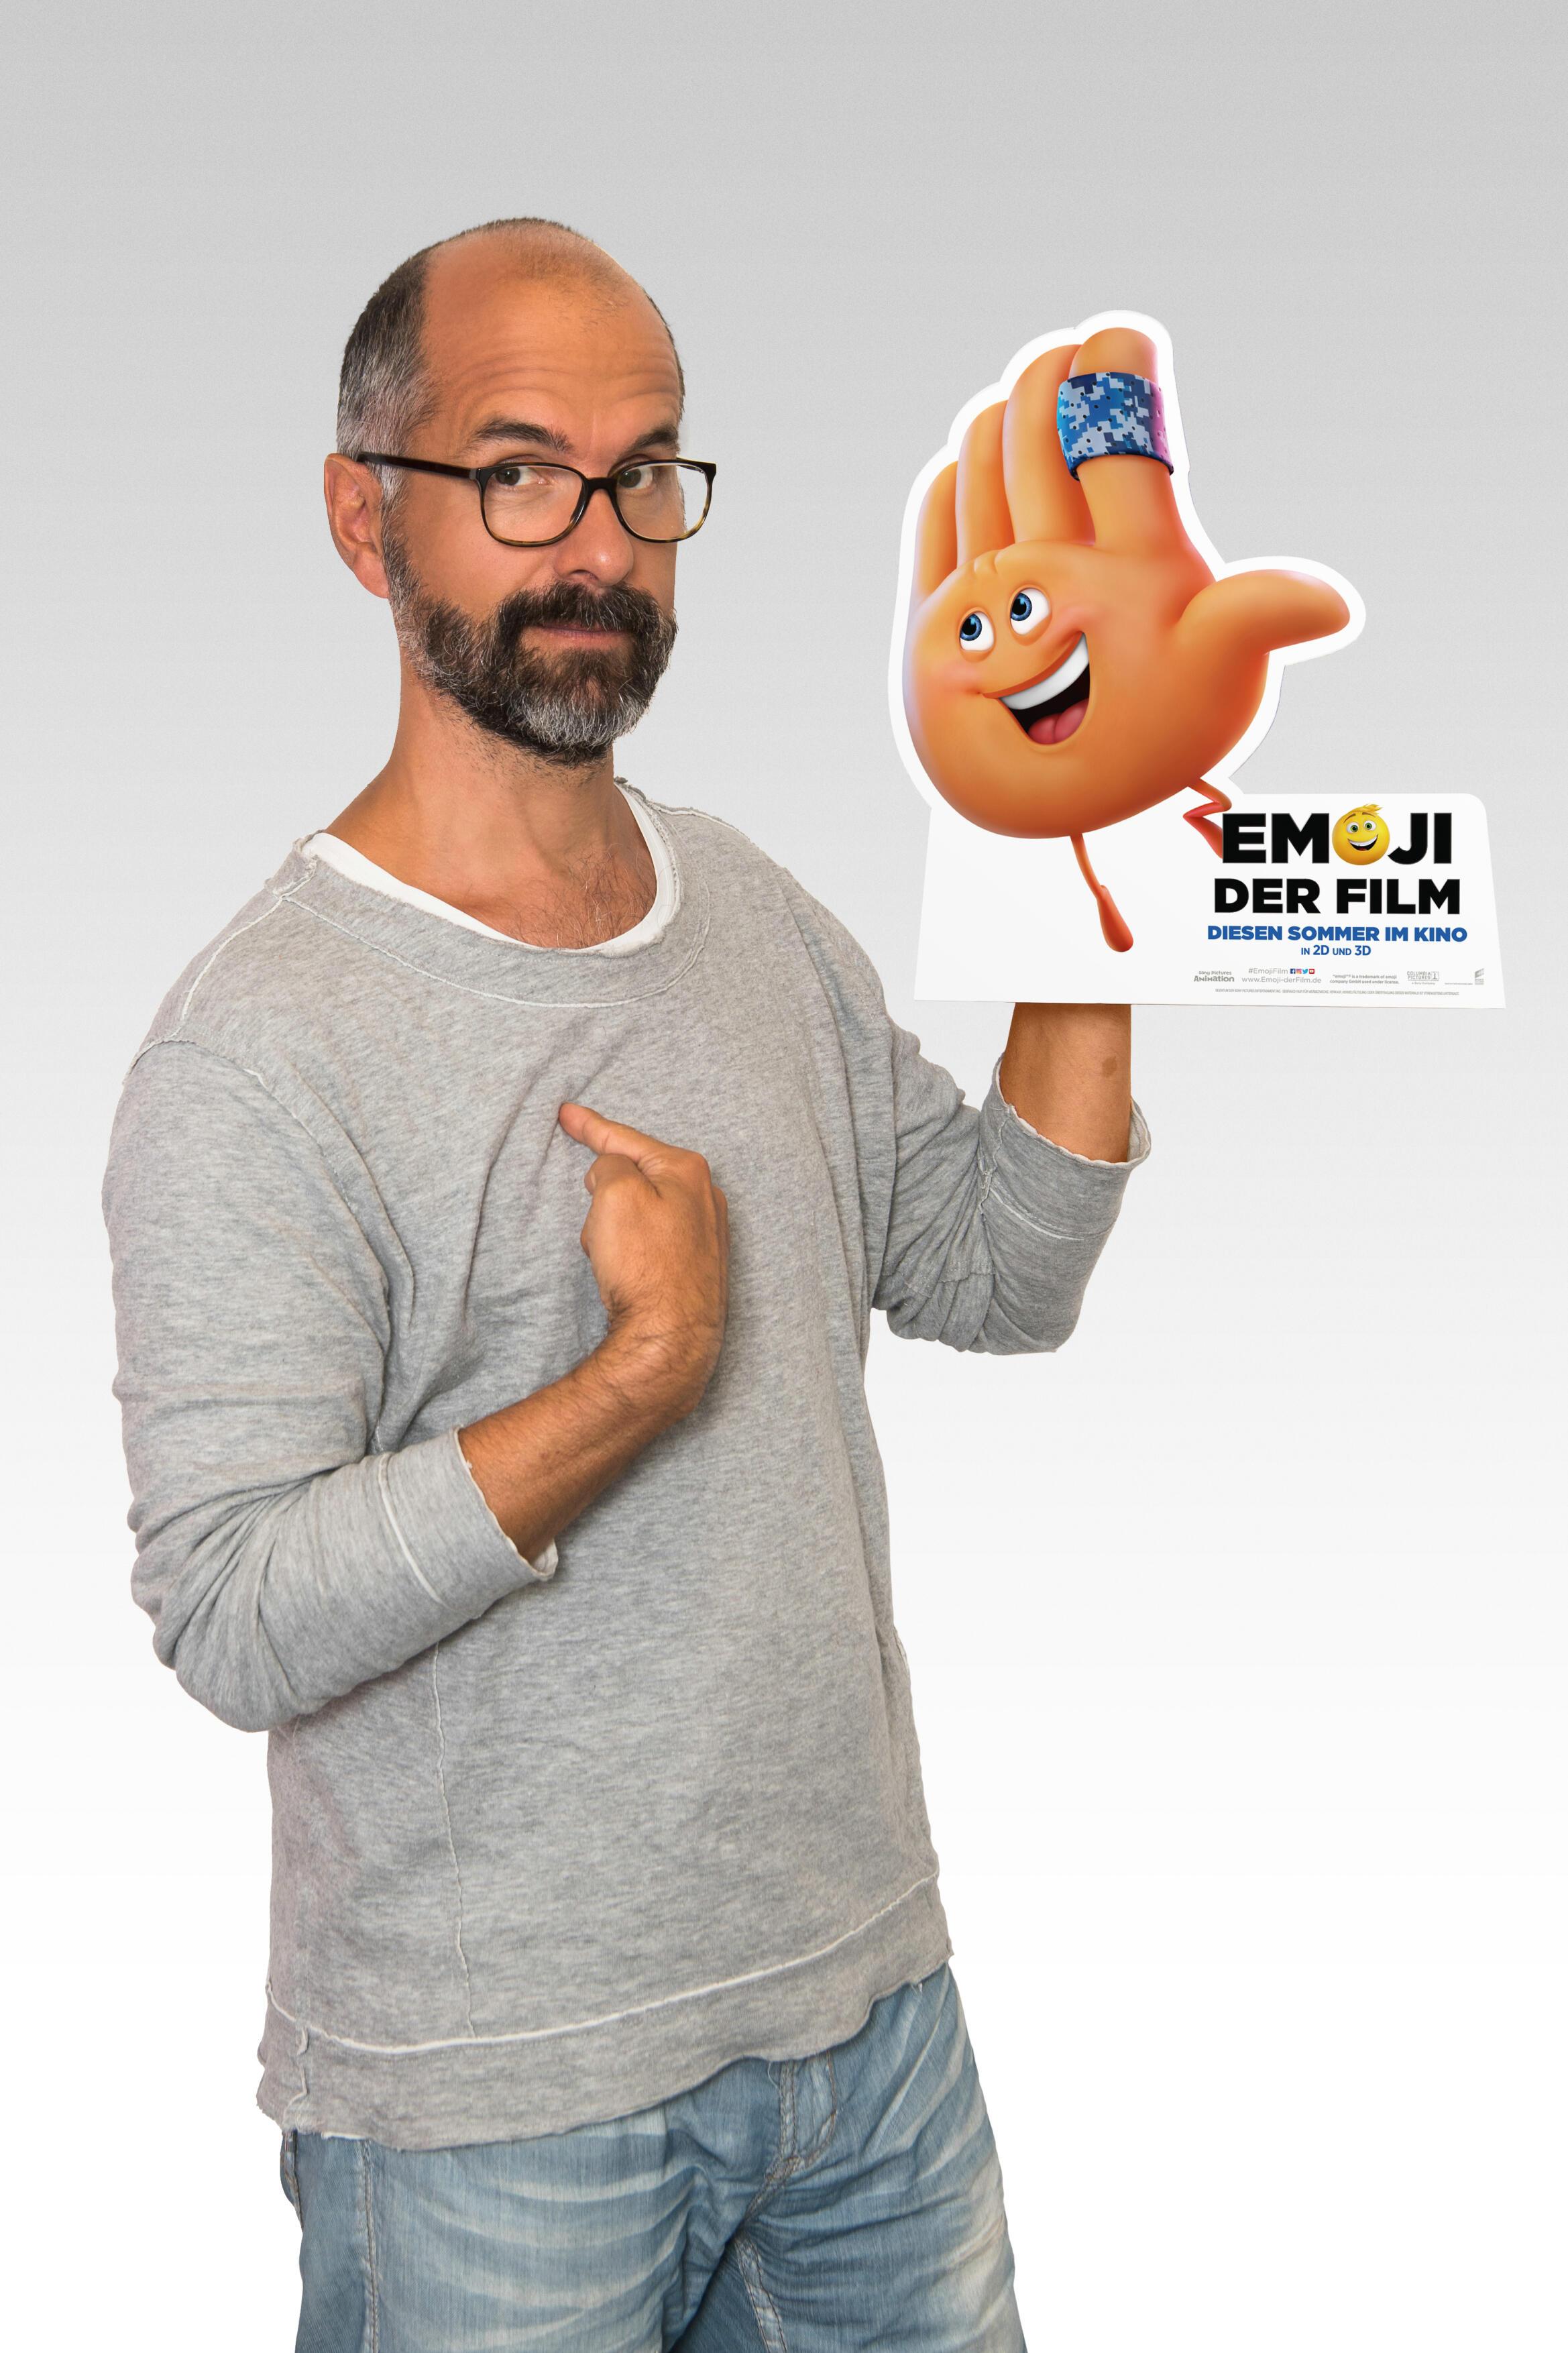 Christoph Maria Herbst Bild 68 Von 72 Moviepilot De